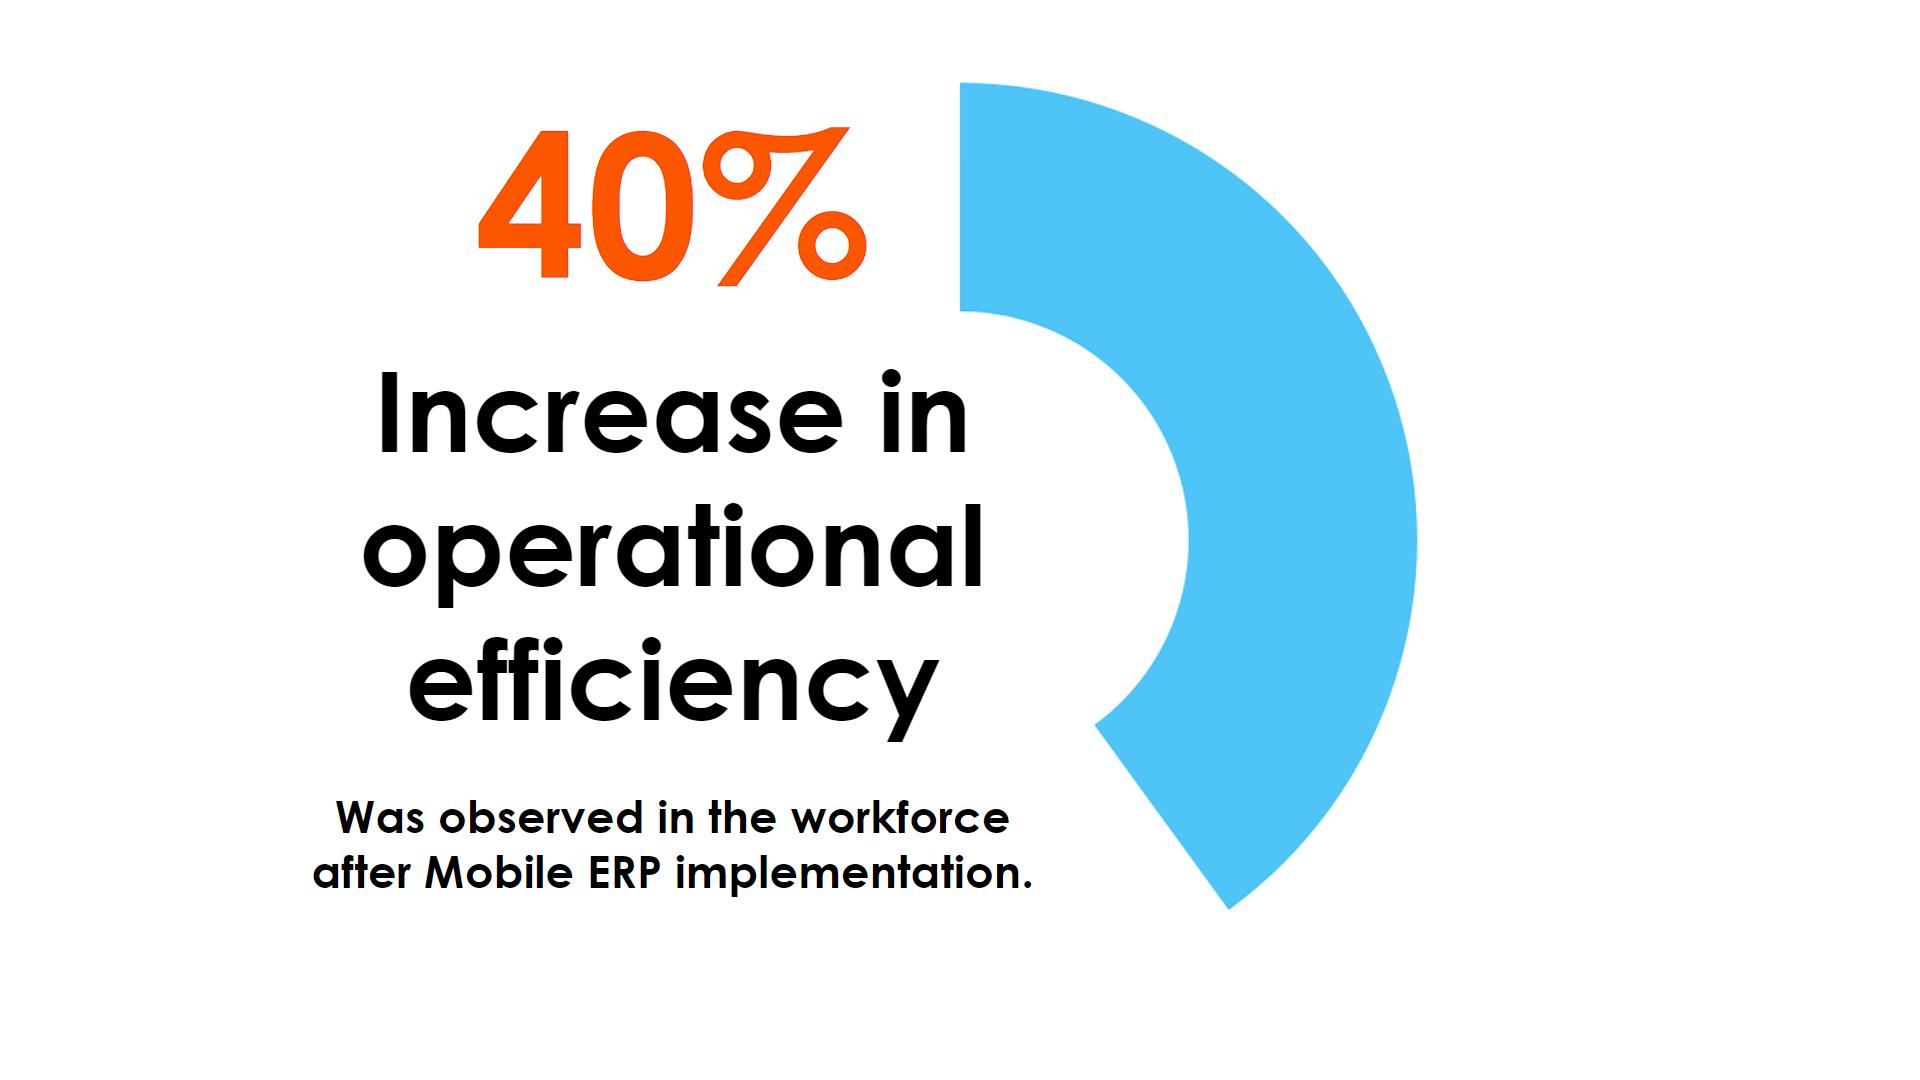 Increase in operational efficiency